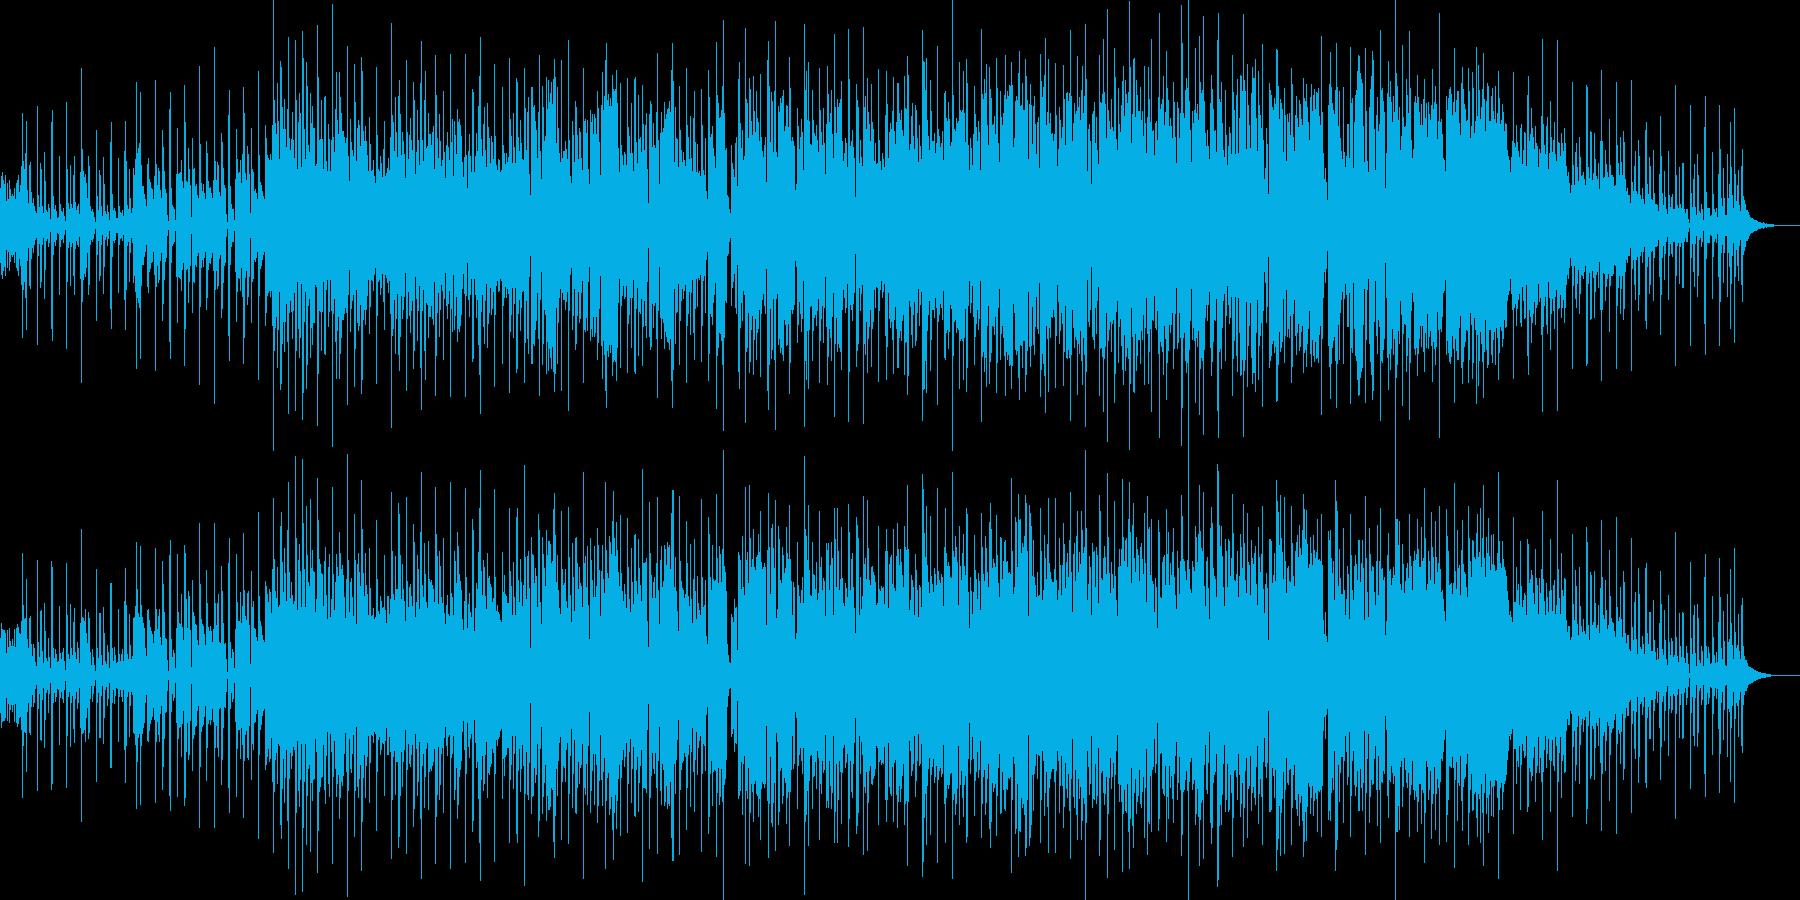 元気な掛け声とともに始まるリズミカルな曲の再生済みの波形